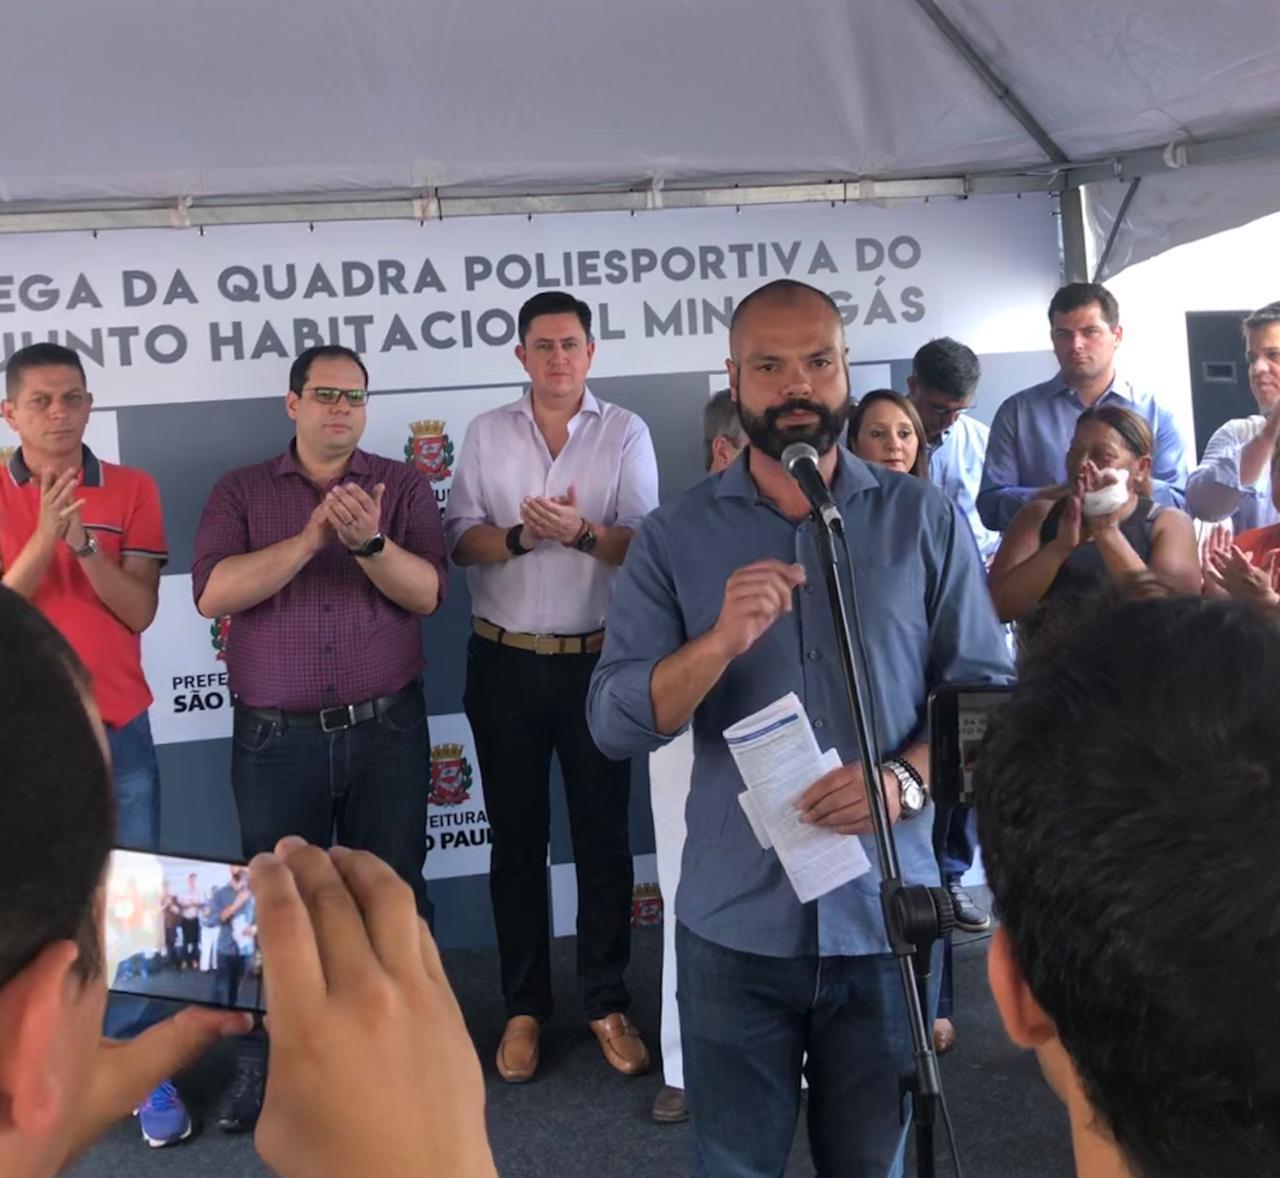 No palco, ao fundo o secretário de Esportes João Farias, o secretário da Habitação Aloísio Barbosa Pinheiro, o presidente da Cohab-SP, Alexsandro Peixe, à frente o prefeito Bruno Covas